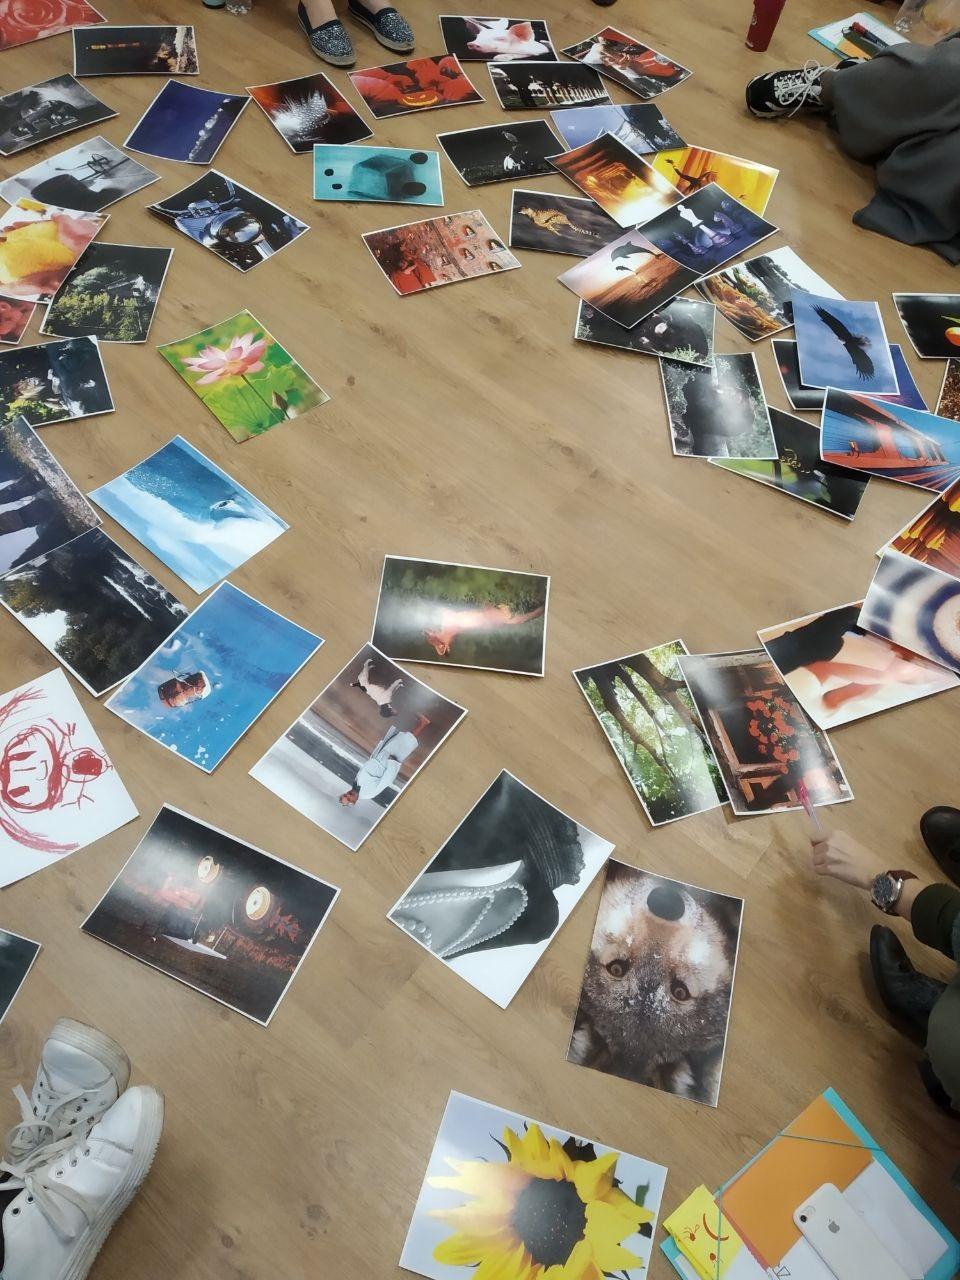 Bilder liegen zur Auswahl auf dem Boden verteilt.